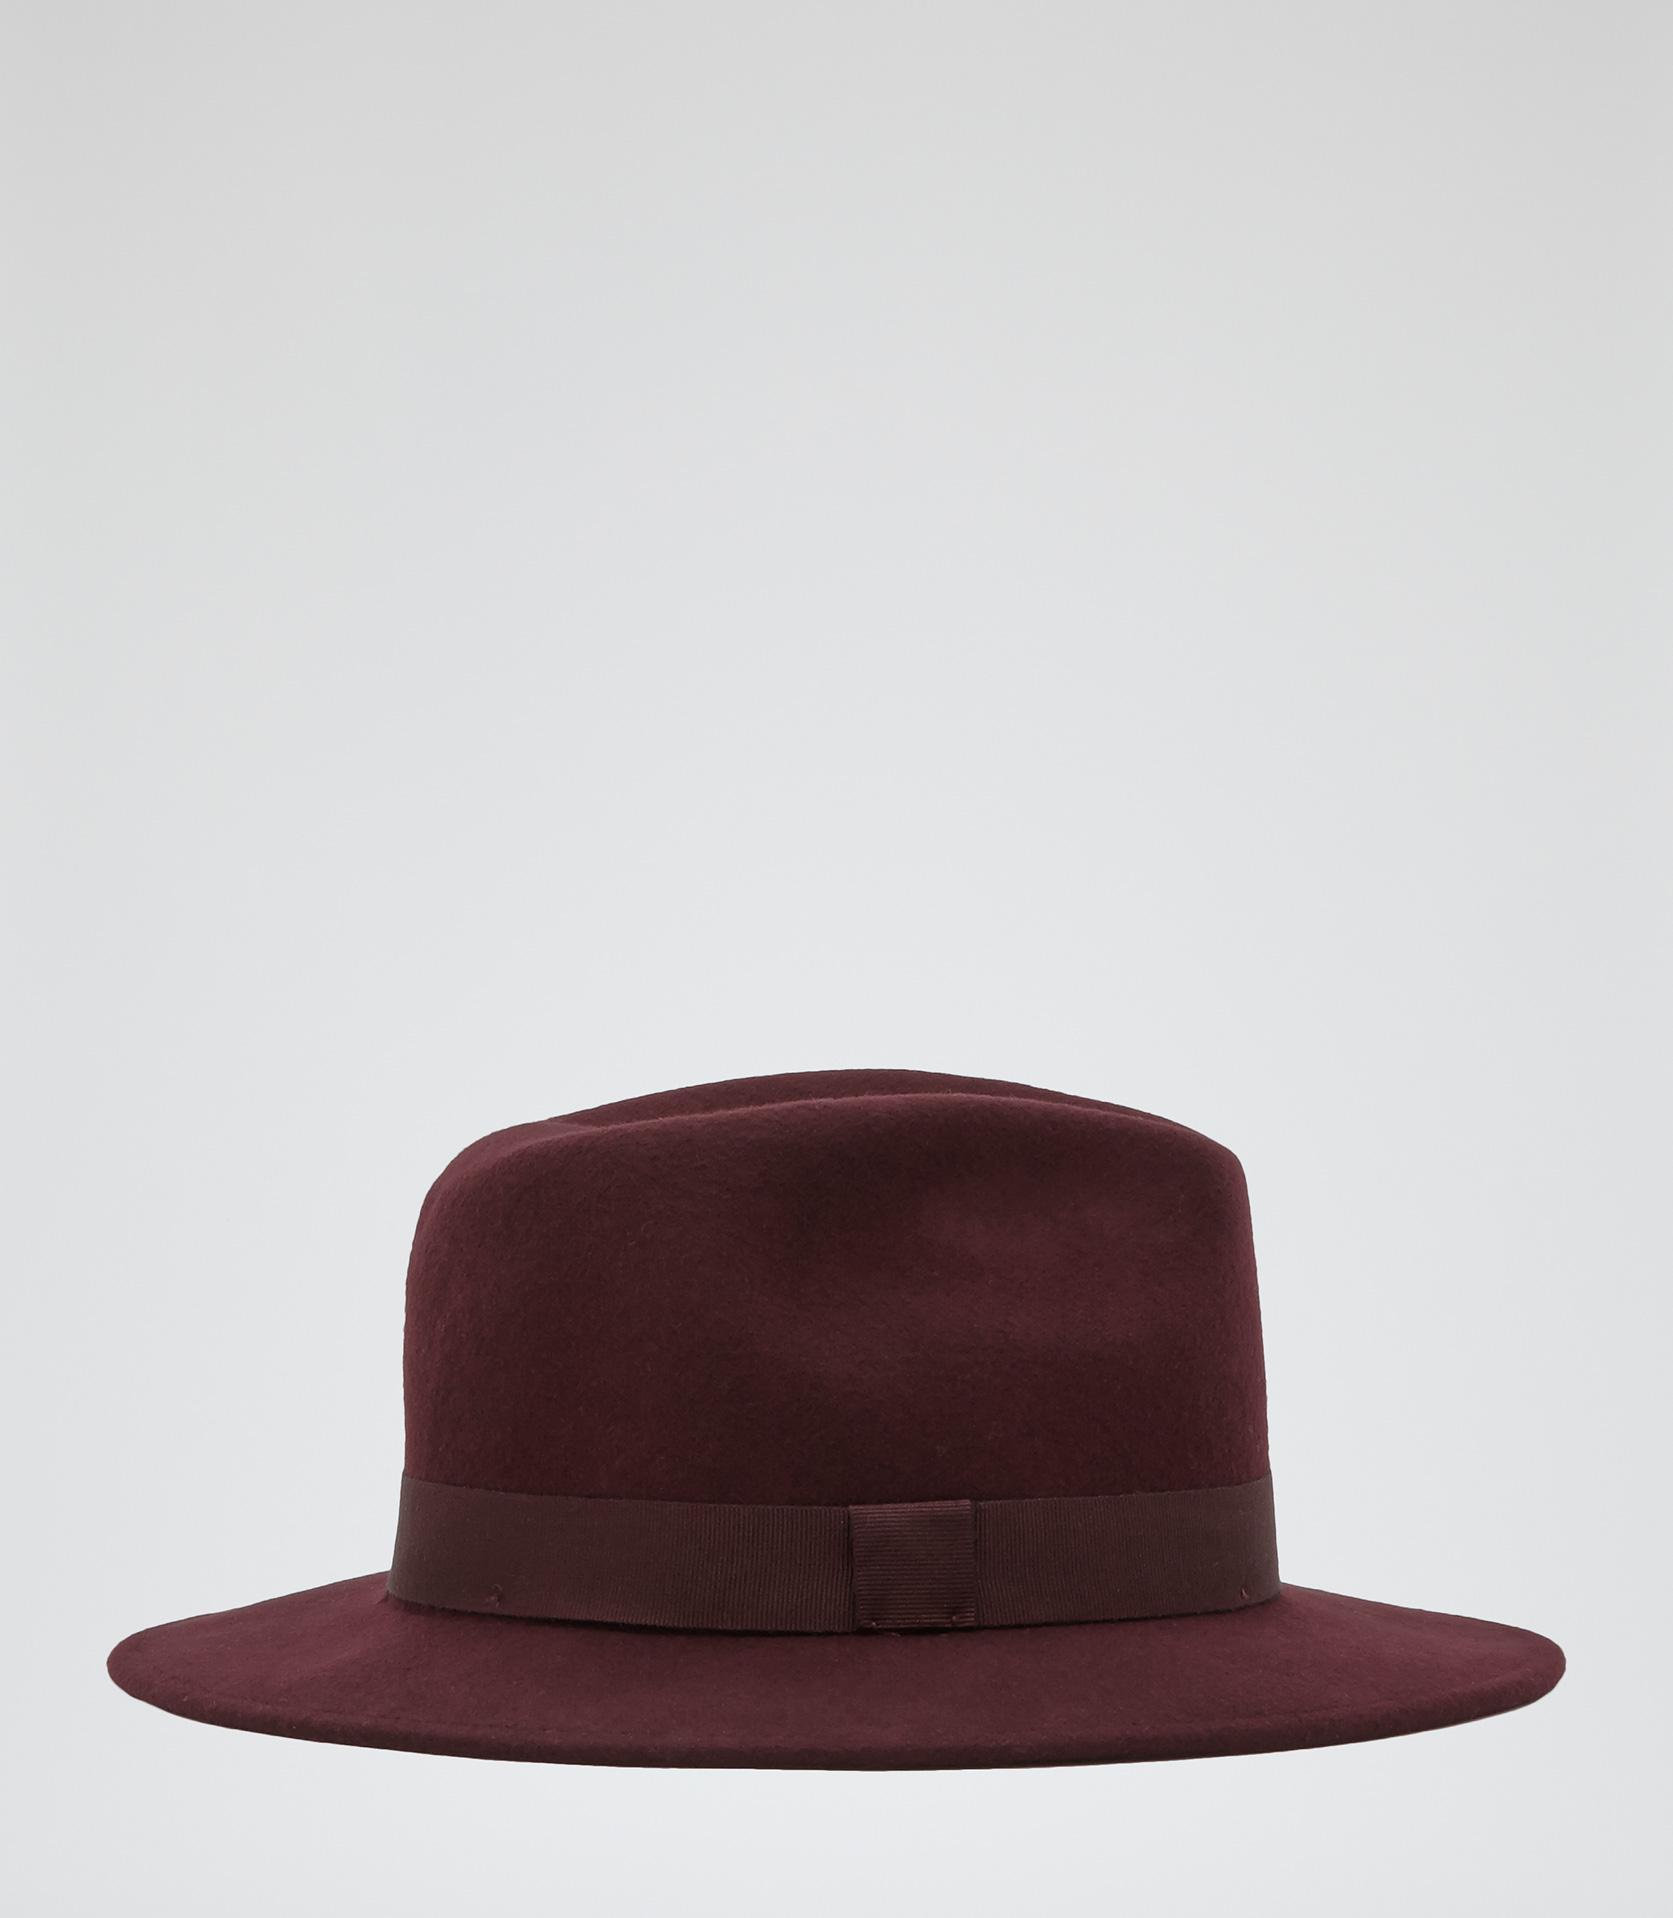 Hattie Aubergine Wool Trilby Hat - REISS